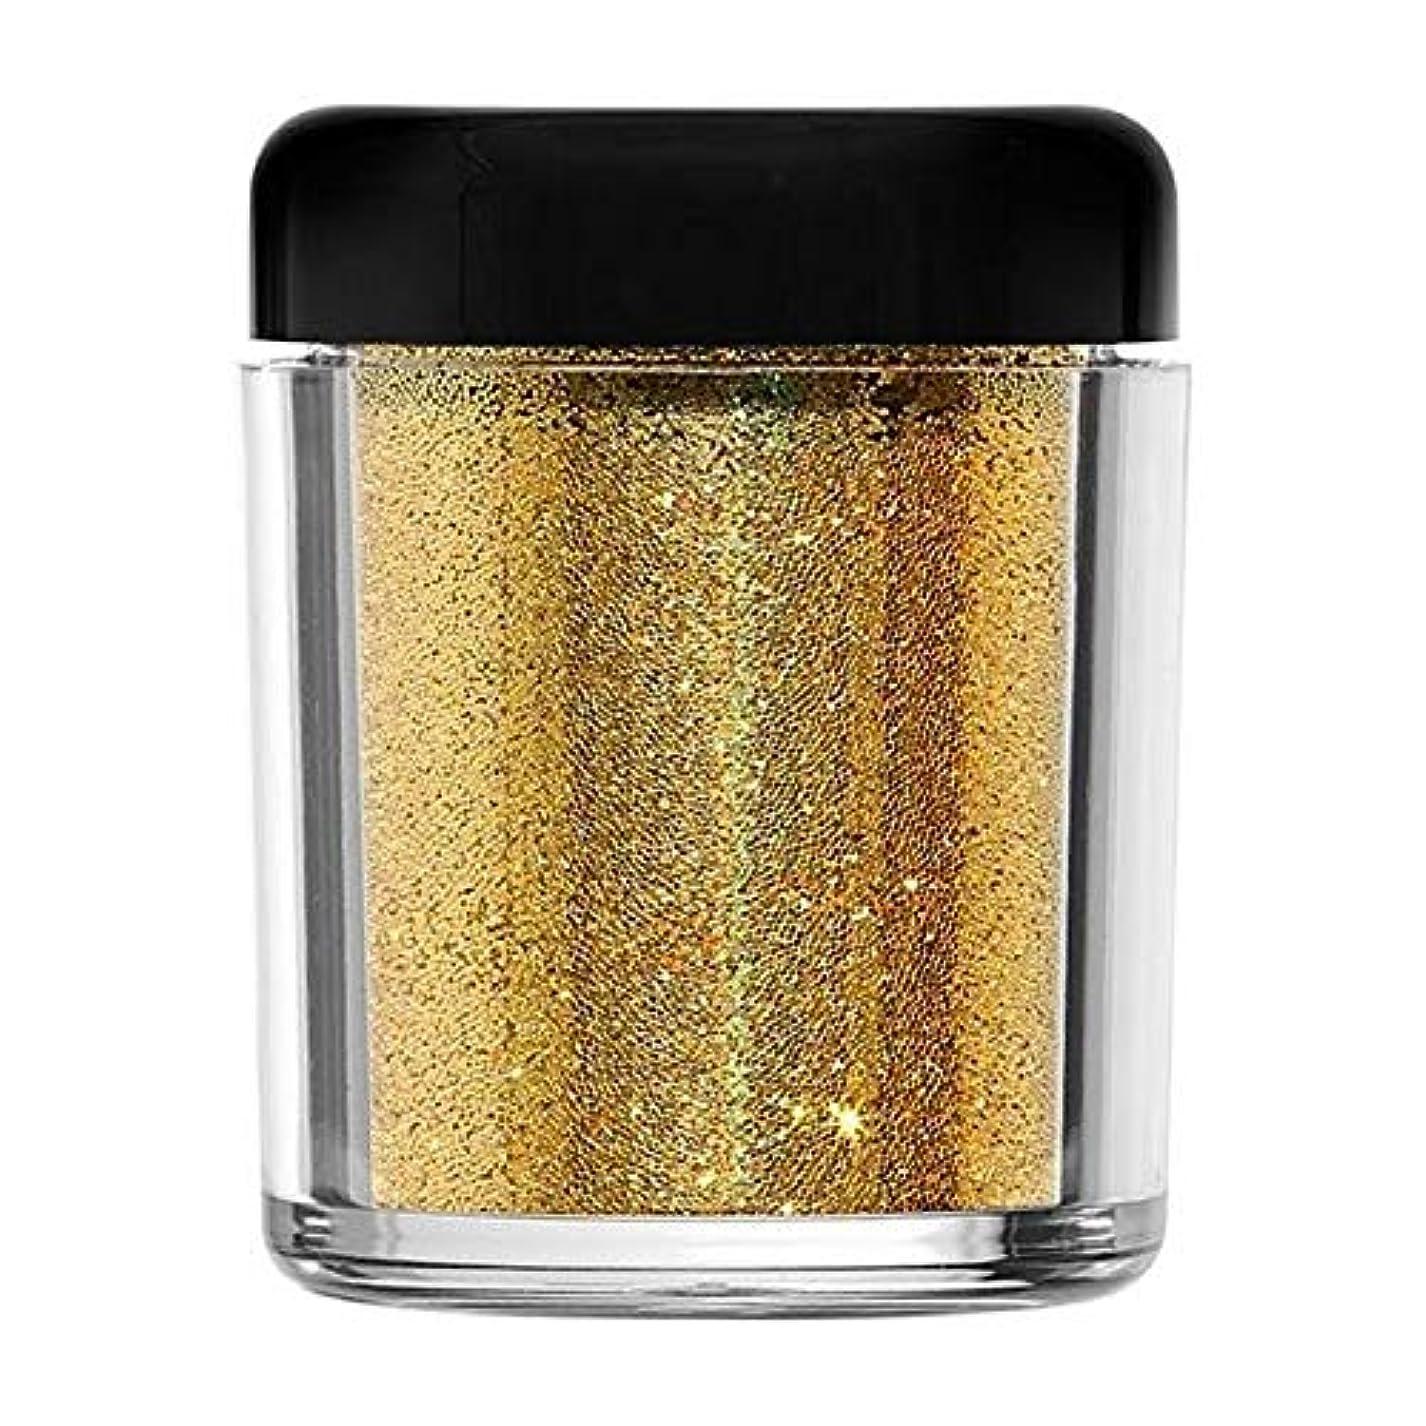 重力独創的スカリー[Barry M ] バリーメートルのグリッターラッシュボディの輝き - 火の玉 - Barry M Glitter Rush Body Glitter - Fireball [並行輸入品]